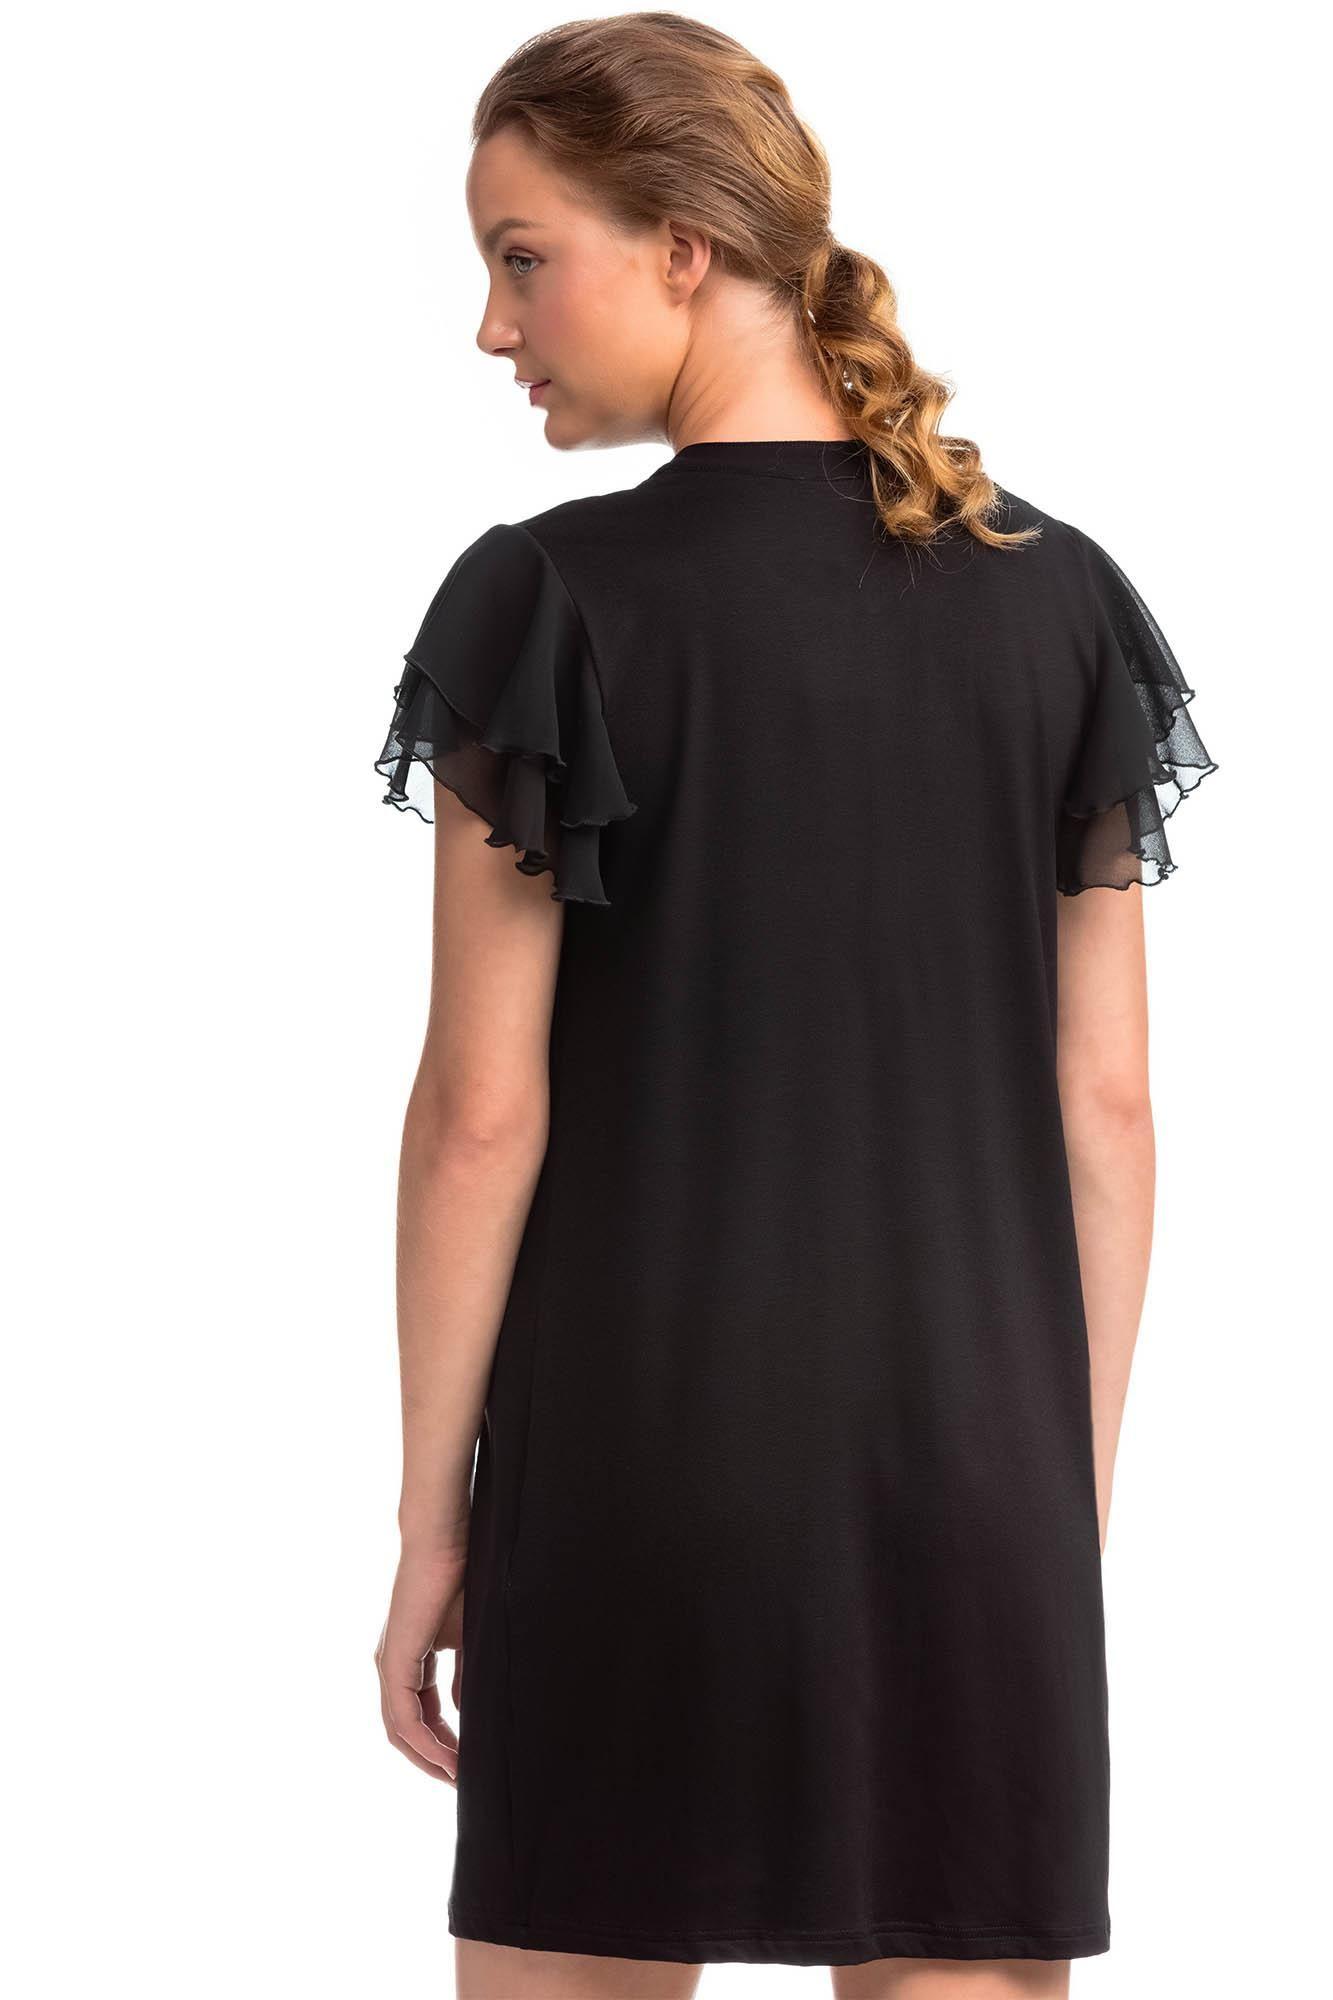 Φόρεμα με Σιφόν Μανίκι